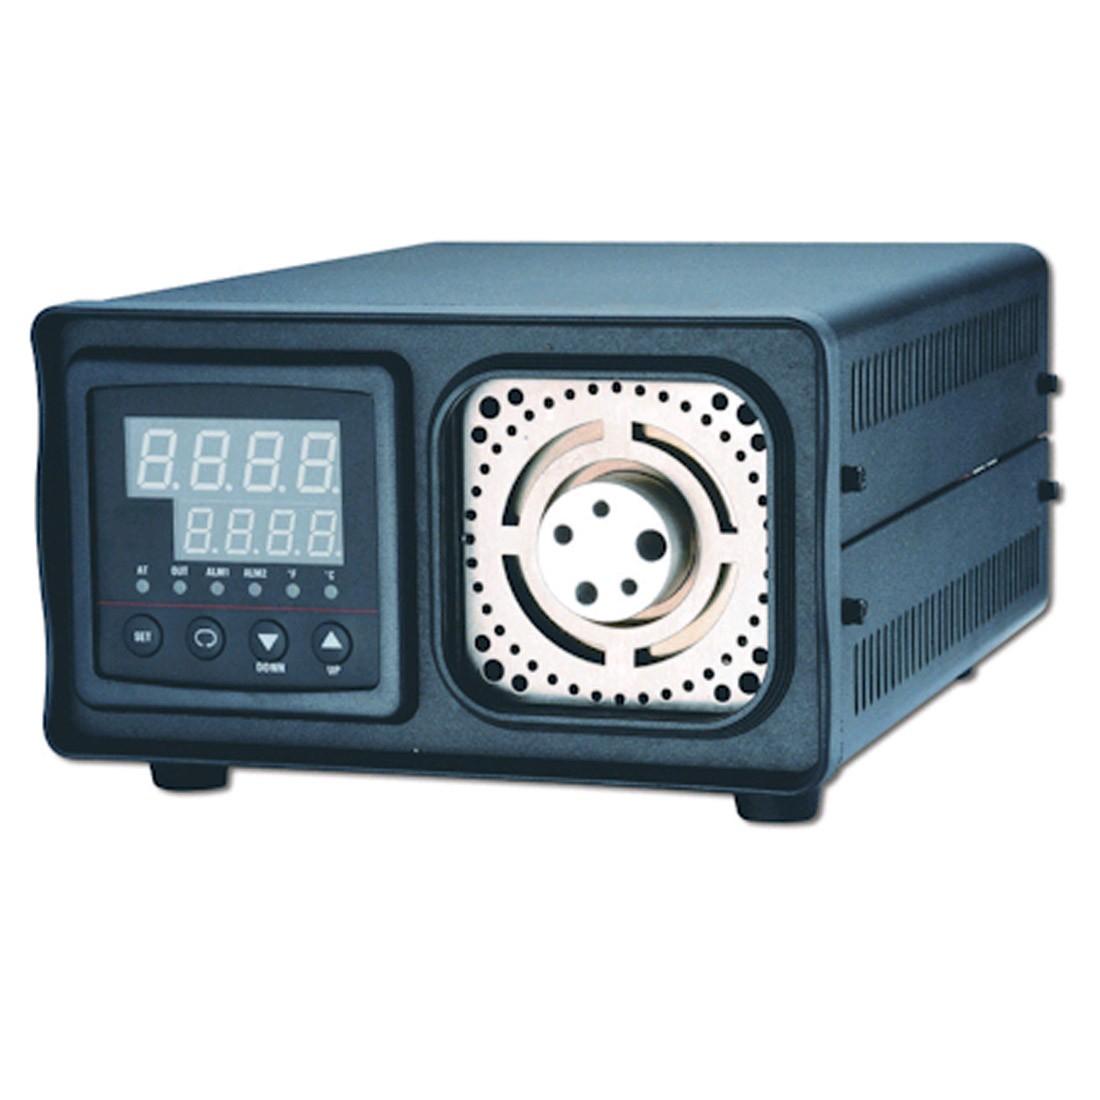 BC 300 Temperatur-Kalibrator für Tauch- und Einstechfühler Thermoelemente, Pt-Sonden